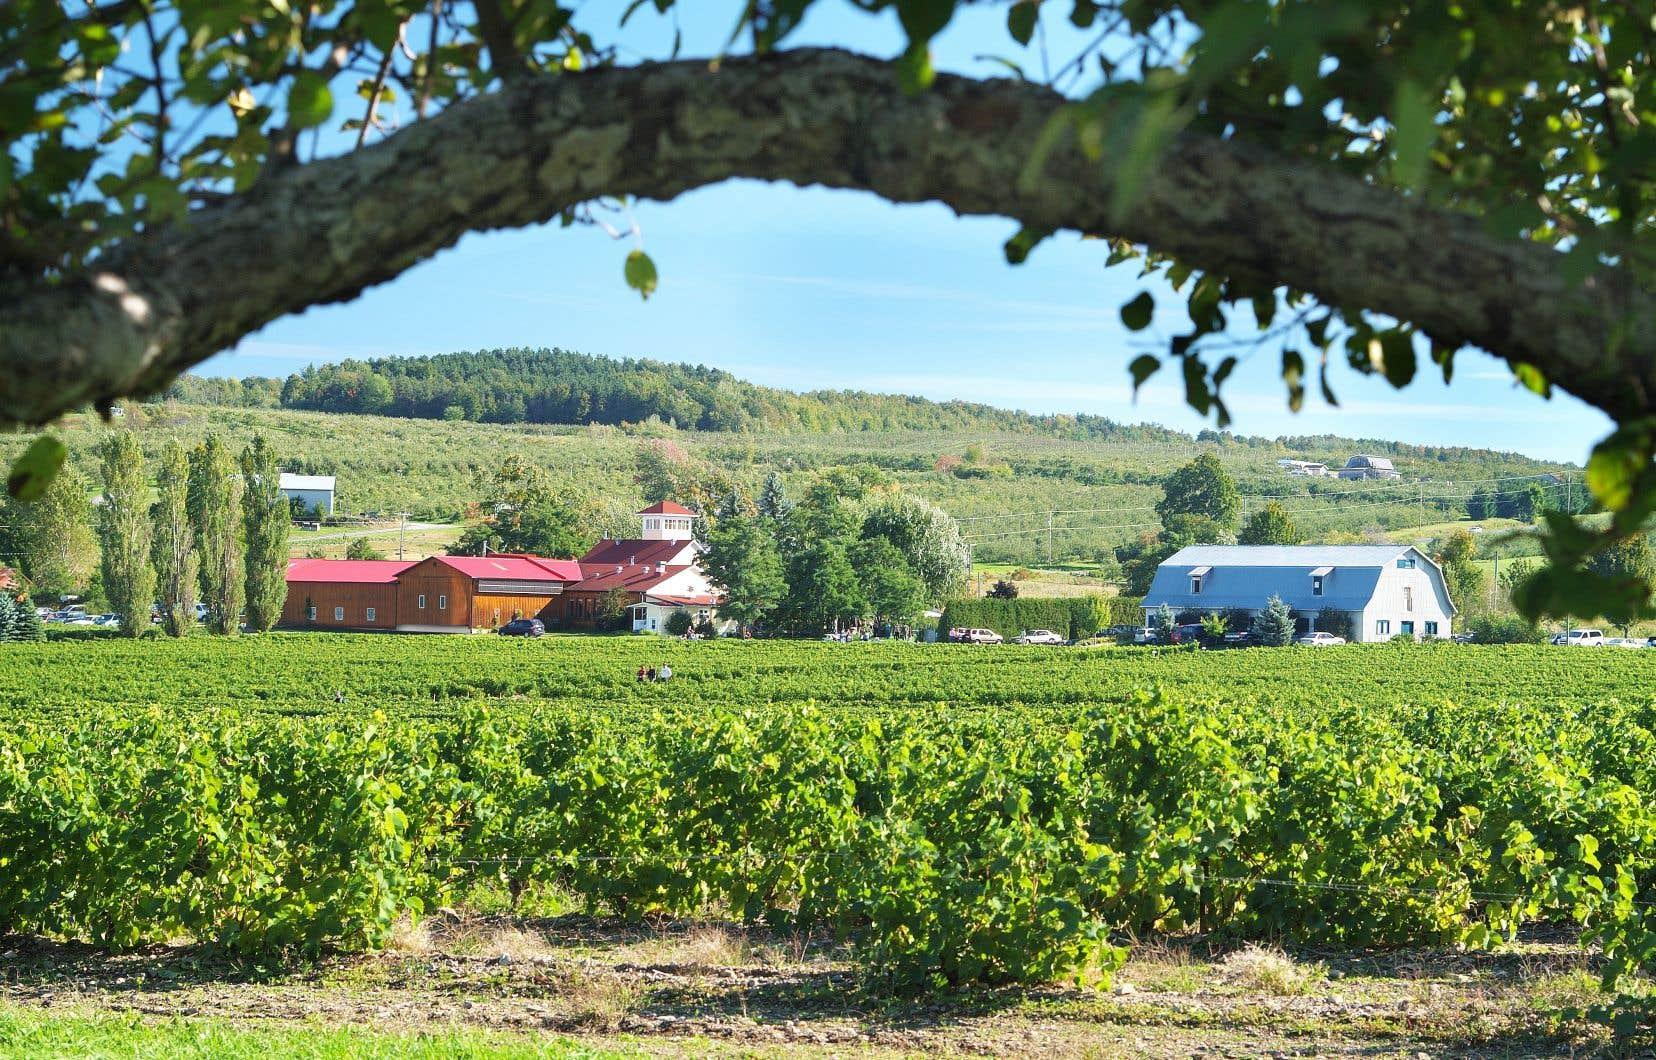 La COVID-19 perturbe-t-elle actuellement d'une manière ou d'une autre la vie au vignoble, qu'il soit d'ici ou d'ailleurs?